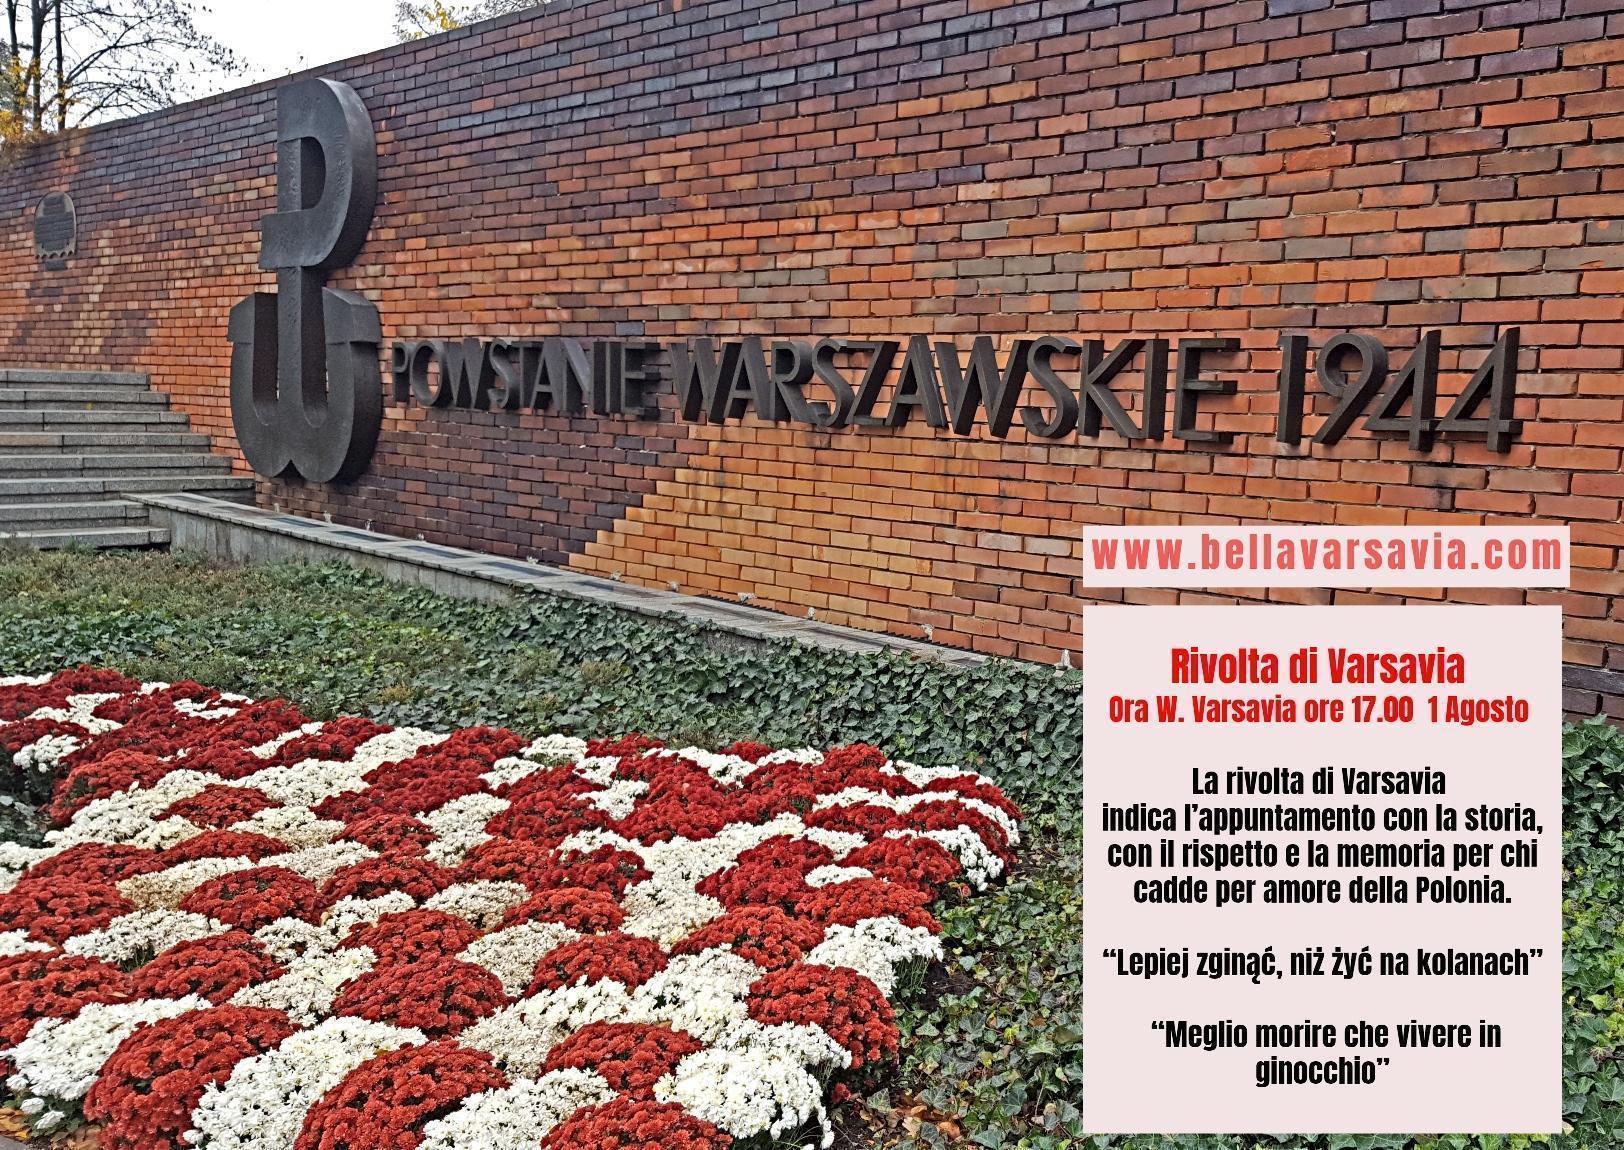 Varsavia 1 agosto rivolta insurrezione